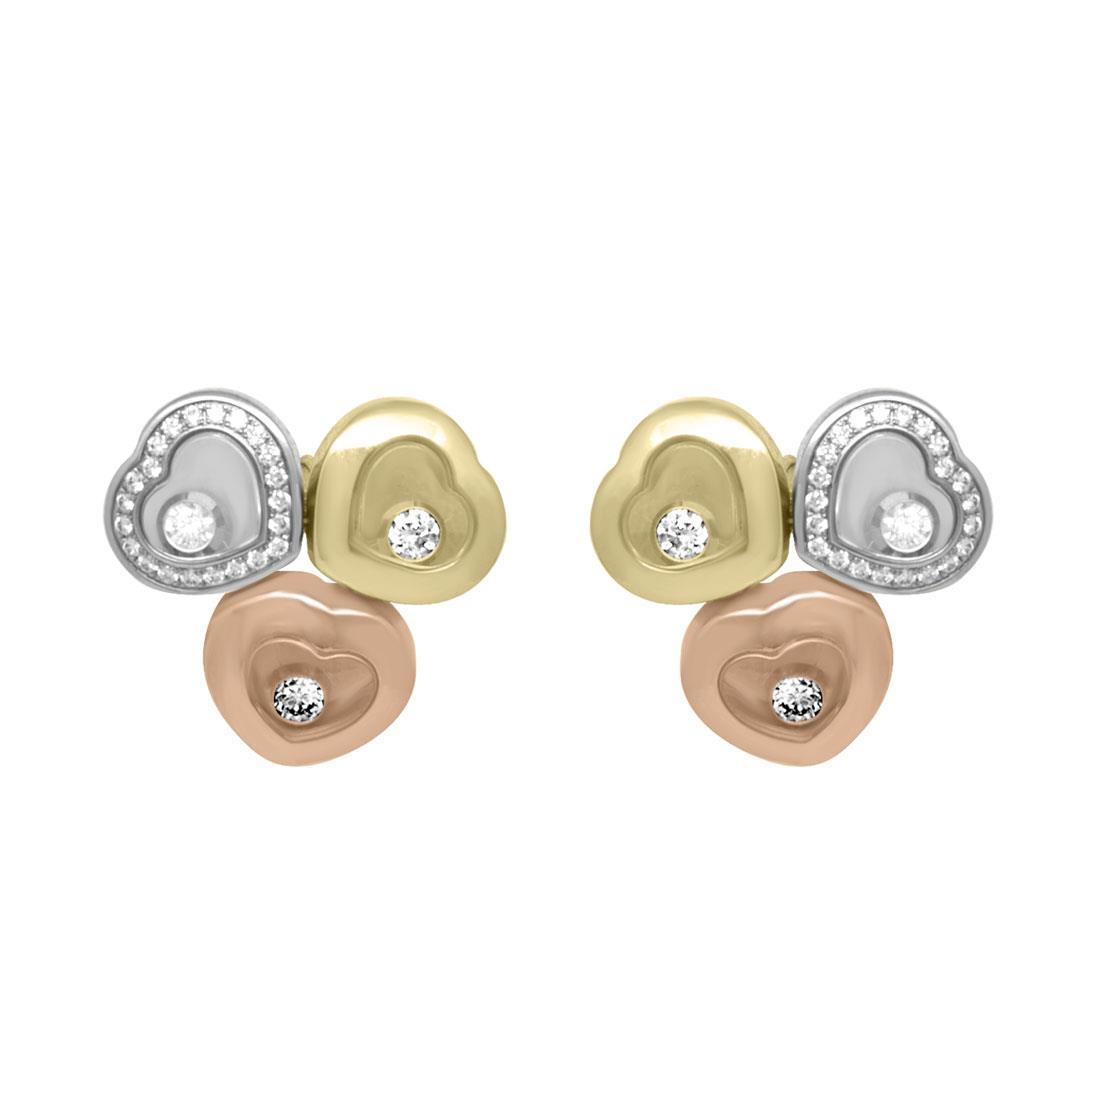 Orecchini in oro bianco, giallo e rosa con diamanti ct 0.290 - CHOPARD